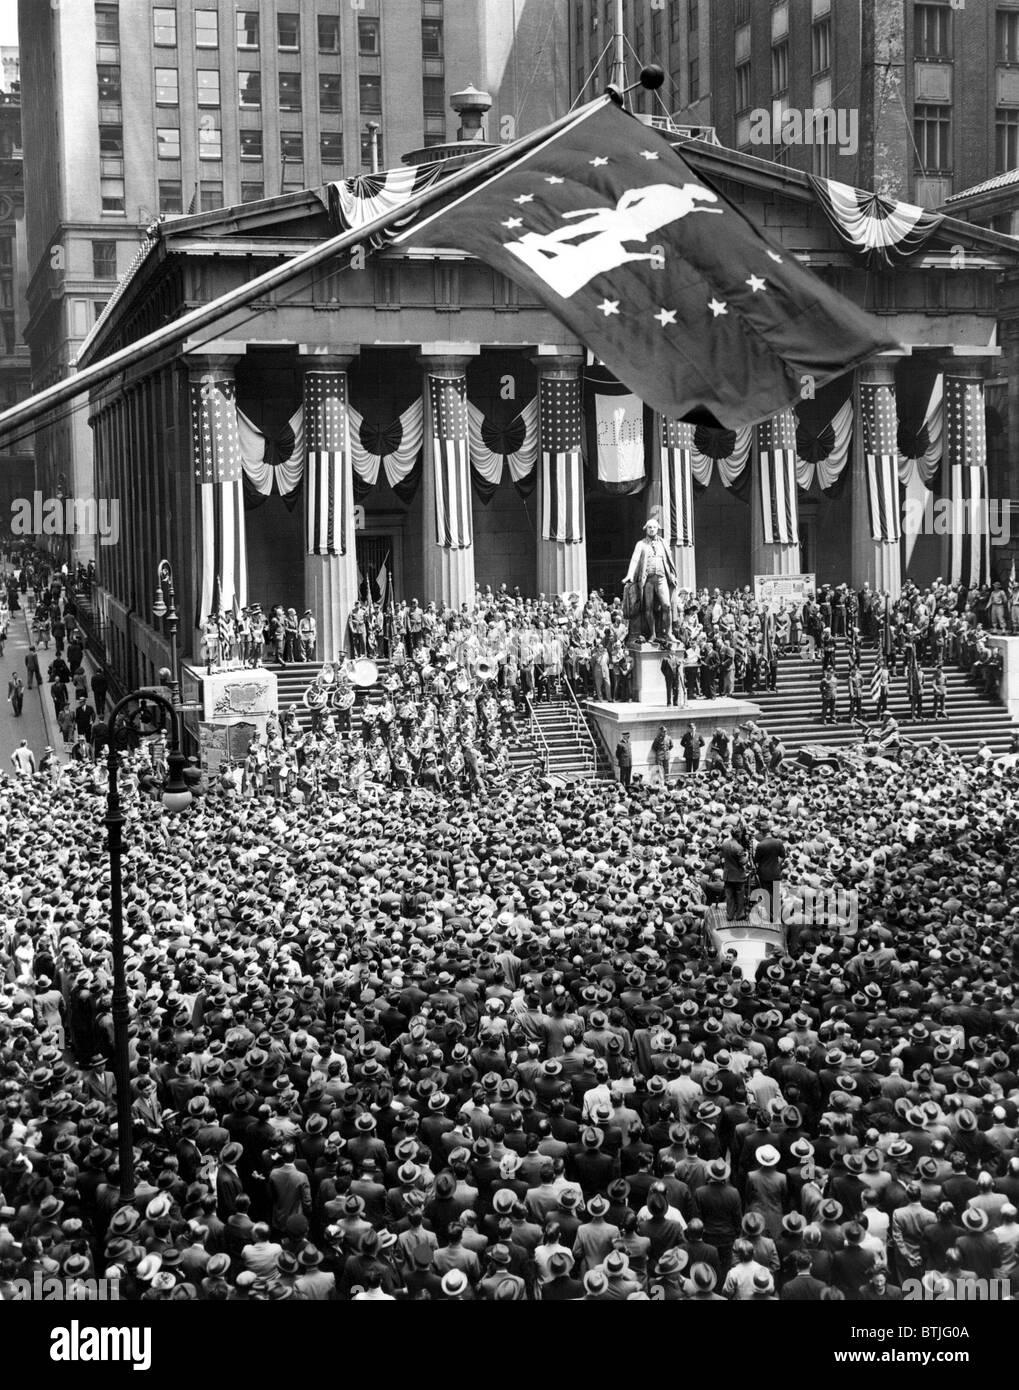 Gesamtansicht während Zeremonien auf der größten Krieg-Bond-Kundgebung in der Geschichte der N.Y.C Stockbild